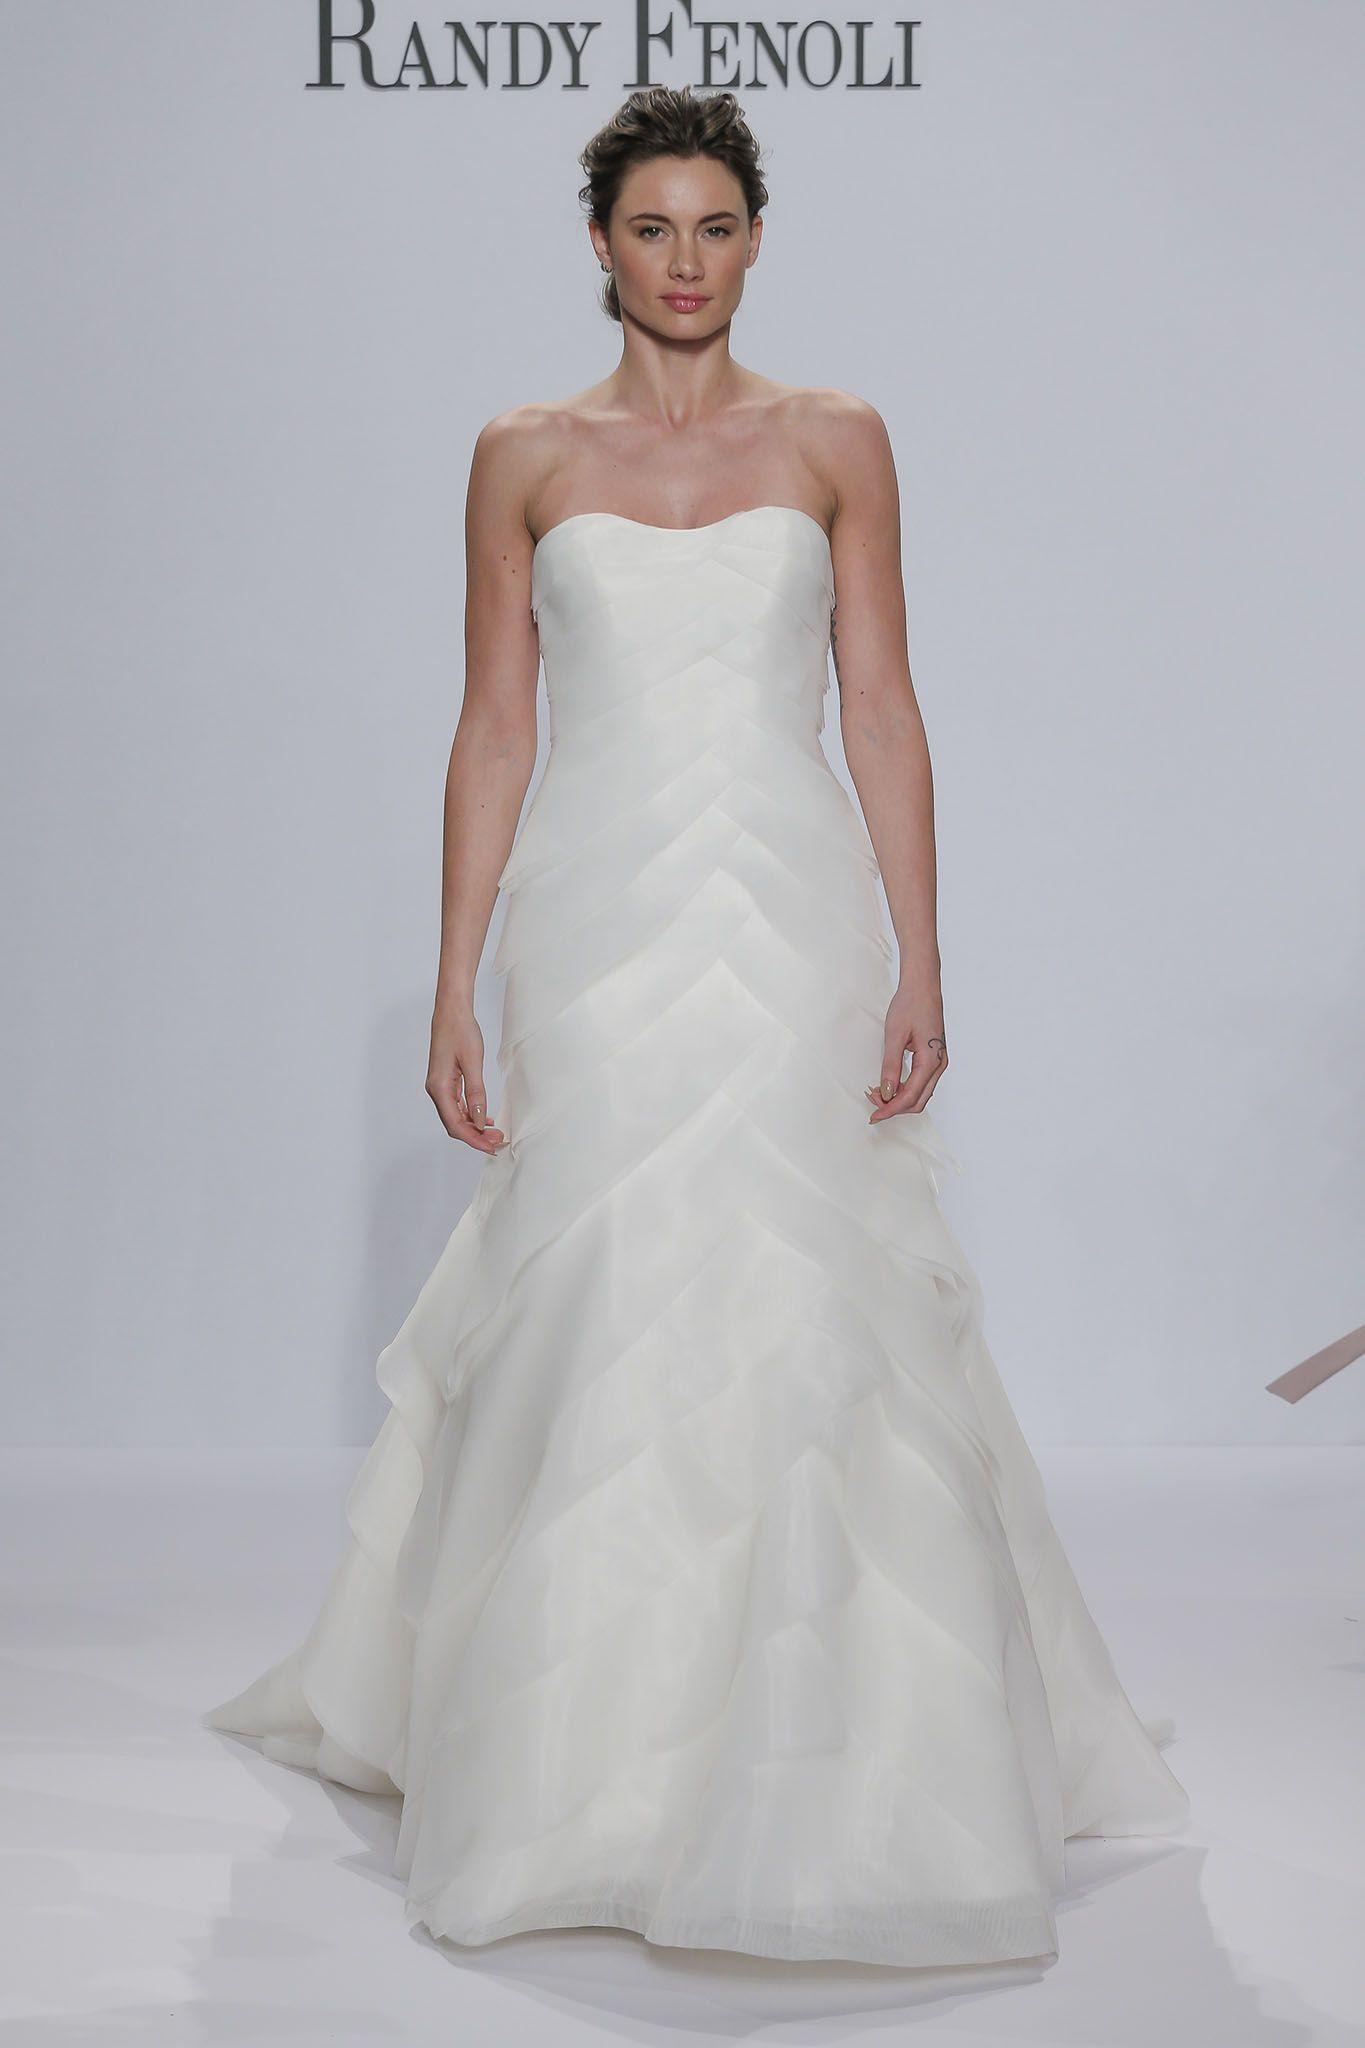 Randy fenoli bridal spring